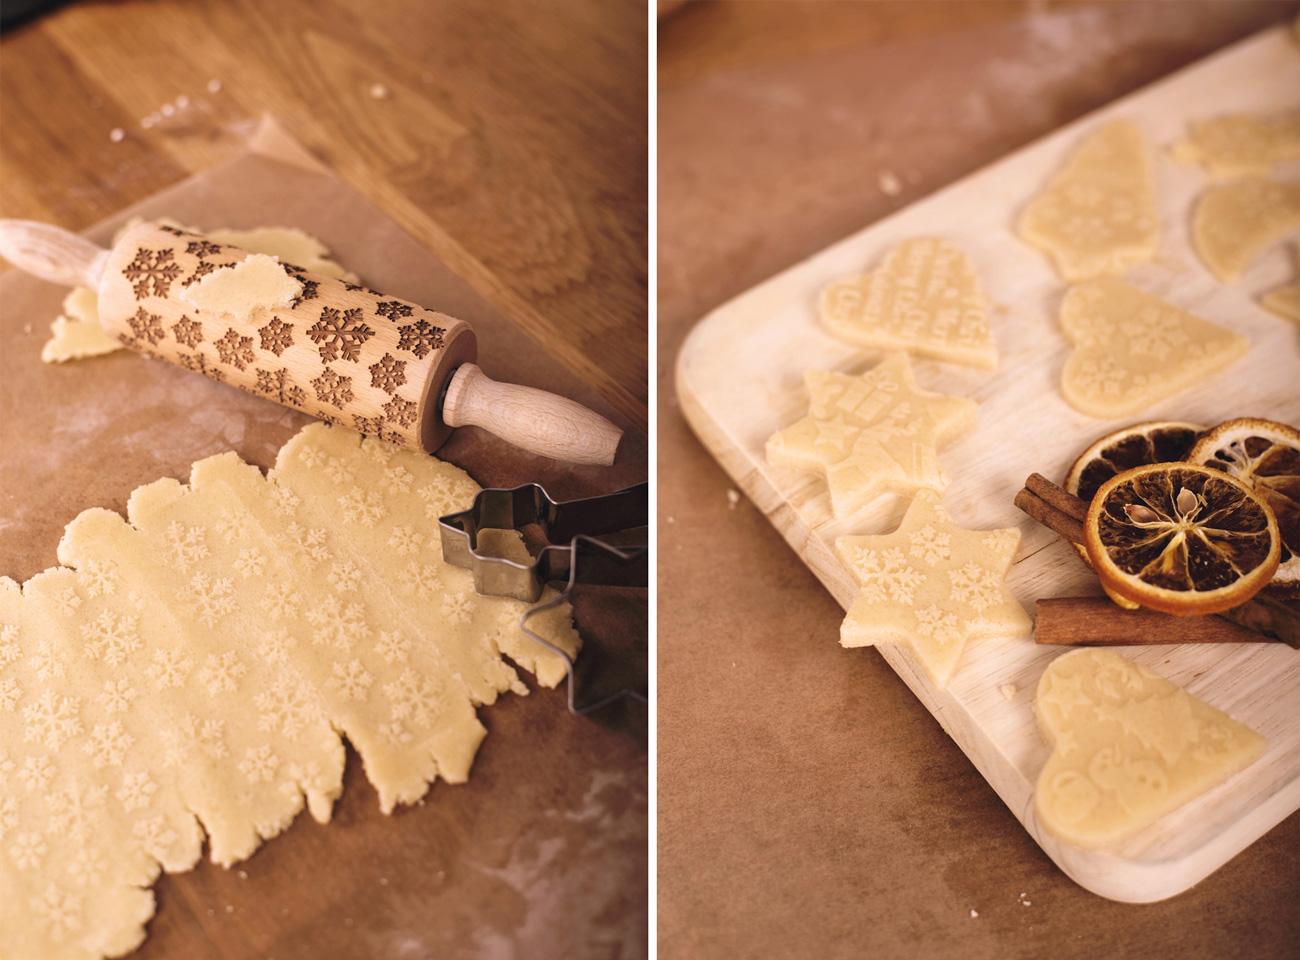 nudelholz mit muster zum kekse backen. Black Bedroom Furniture Sets. Home Design Ideas